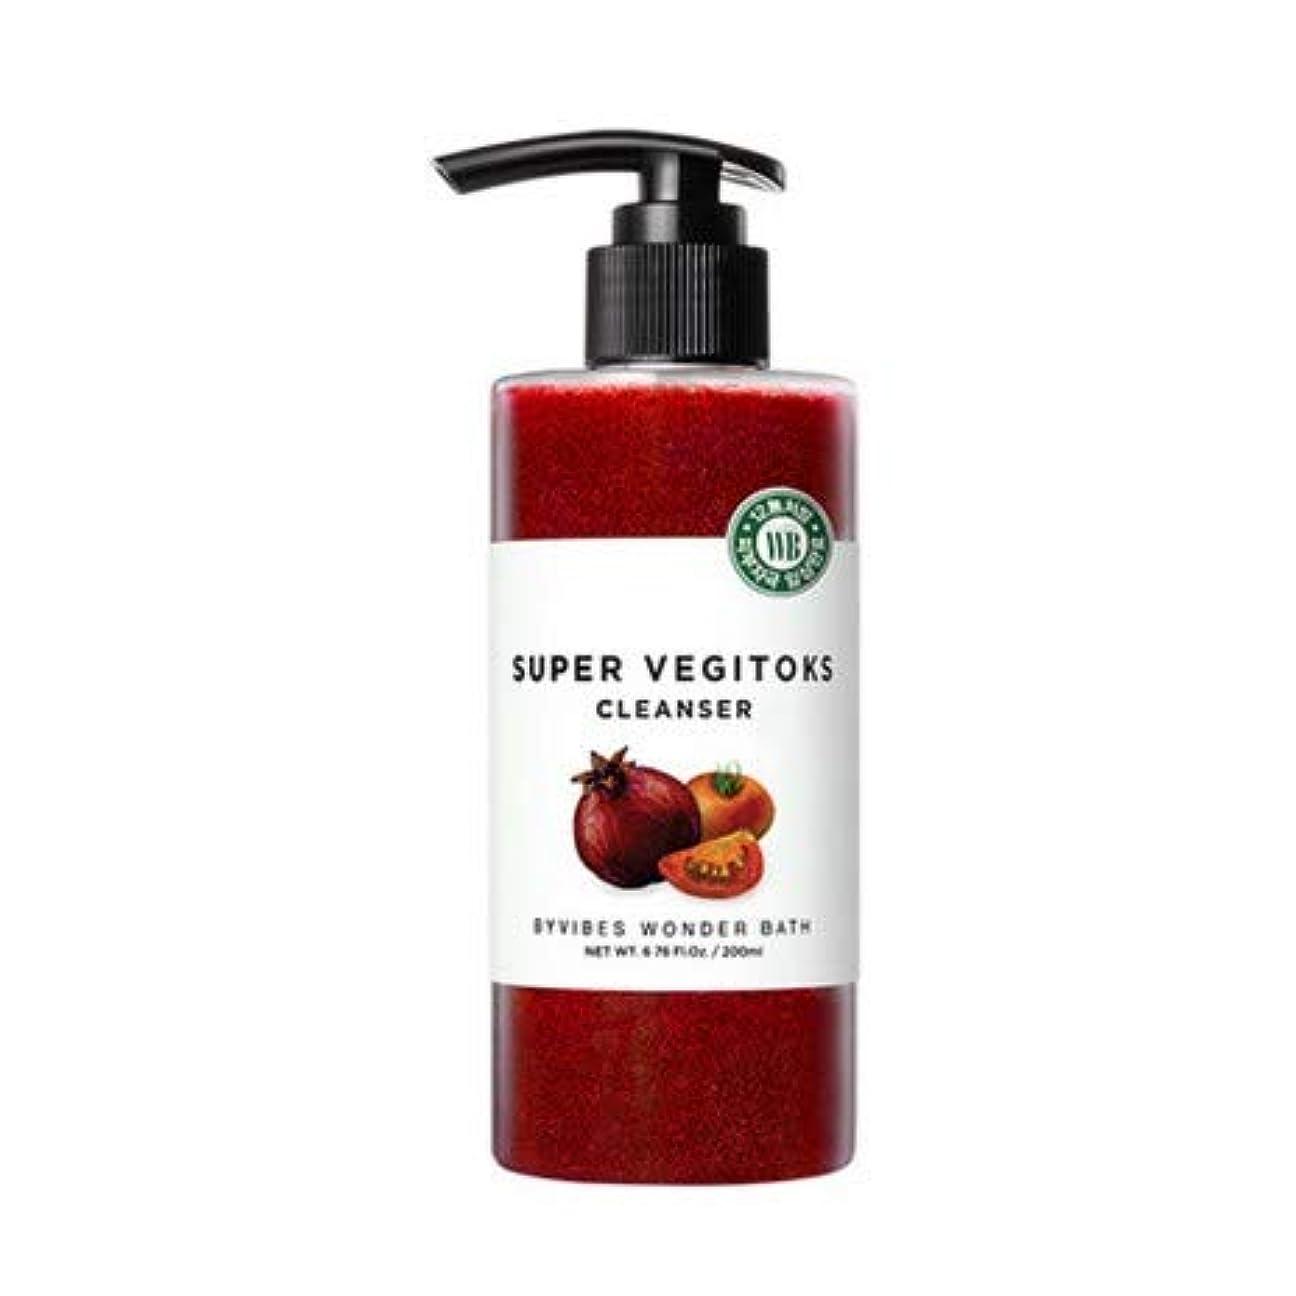 近所の桁飛び込むワンダーバス[Wonder Bath] スーパーベジトックスクレンザー (レッド) 300ml / Super Vegitoks Cleanser Red